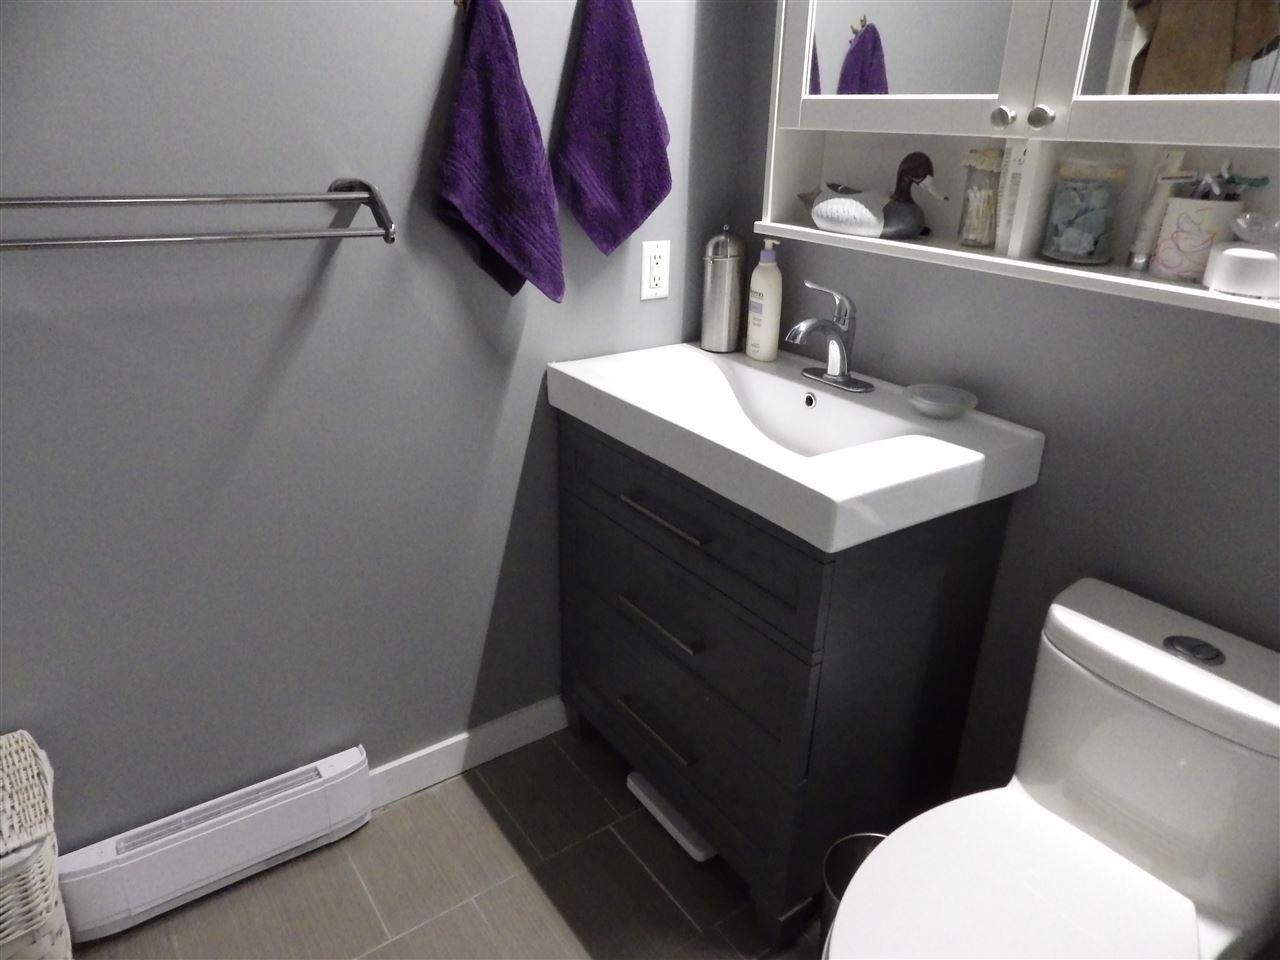 Photo 7: Photos: 5599 MEDUSA Place in Sechelt: Sechelt District House for sale (Sunshine Coast)  : MLS®# R2344394